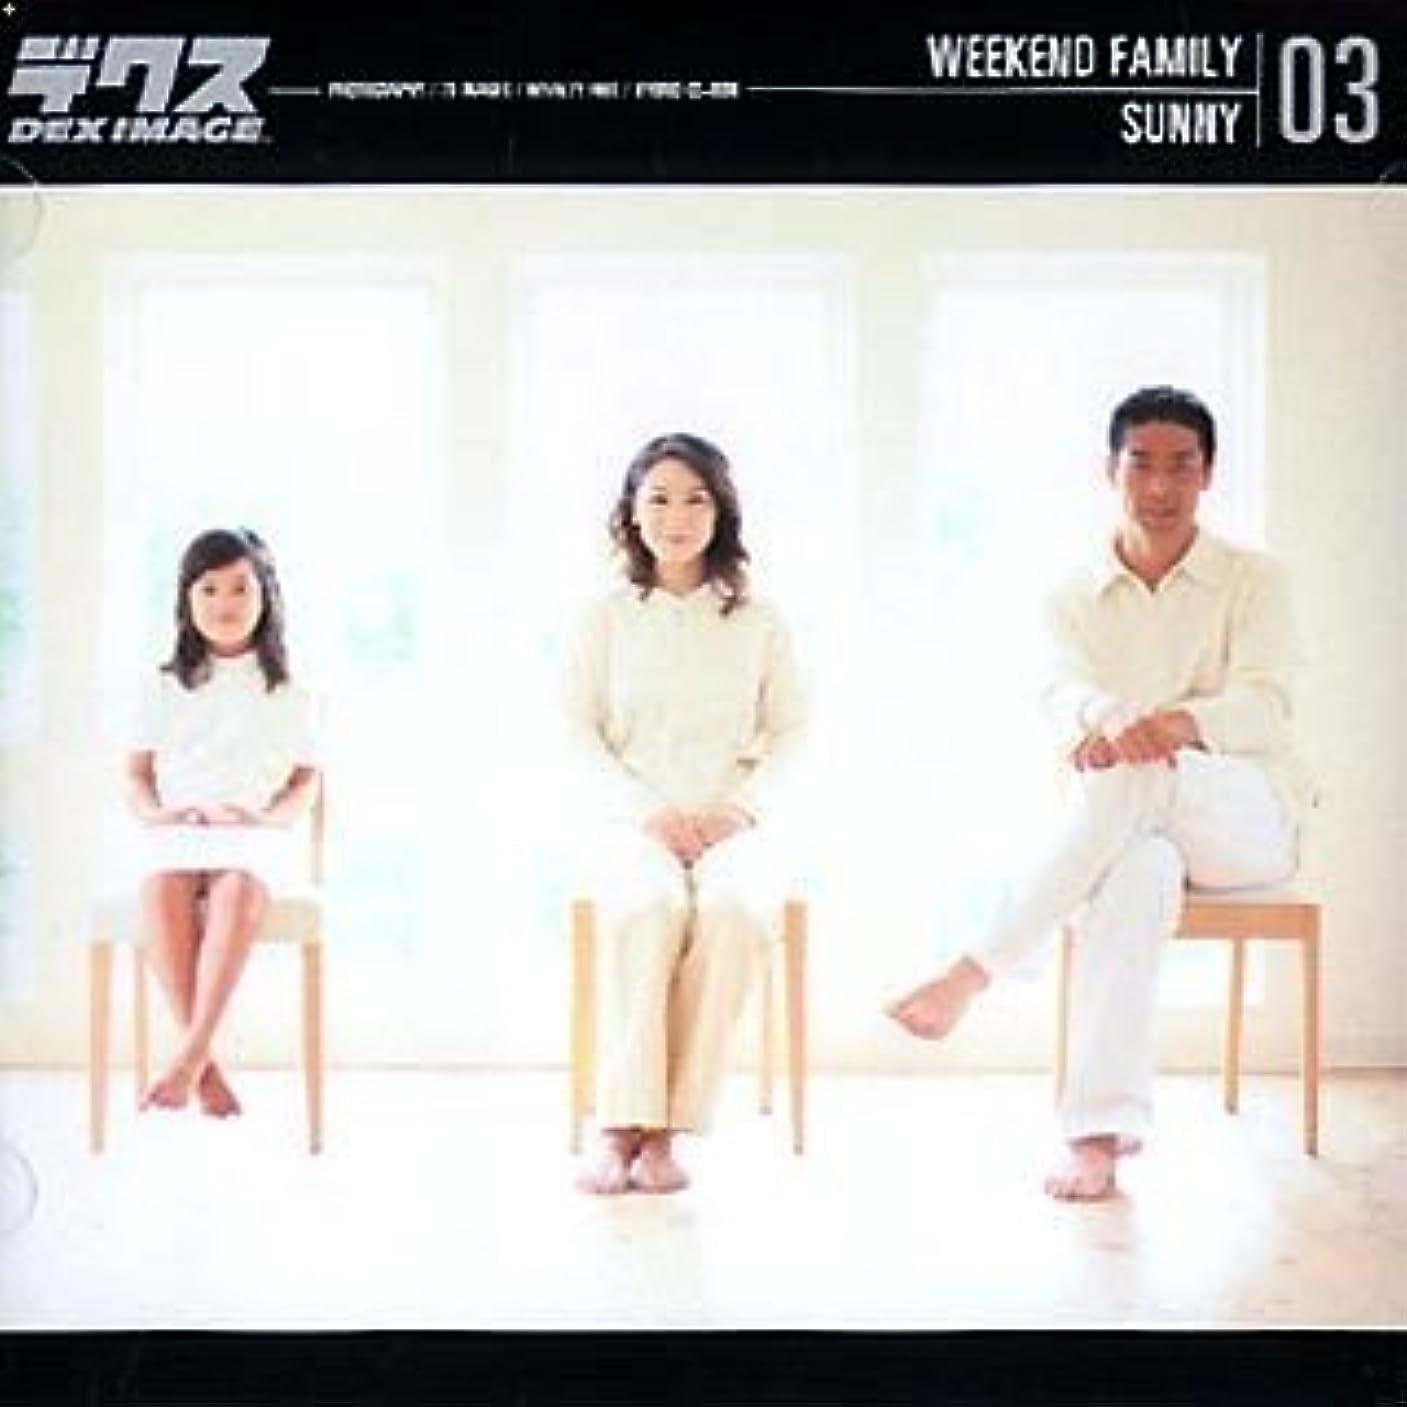 普遍的なハウジング失望させるWeekend Family 03 Sunny